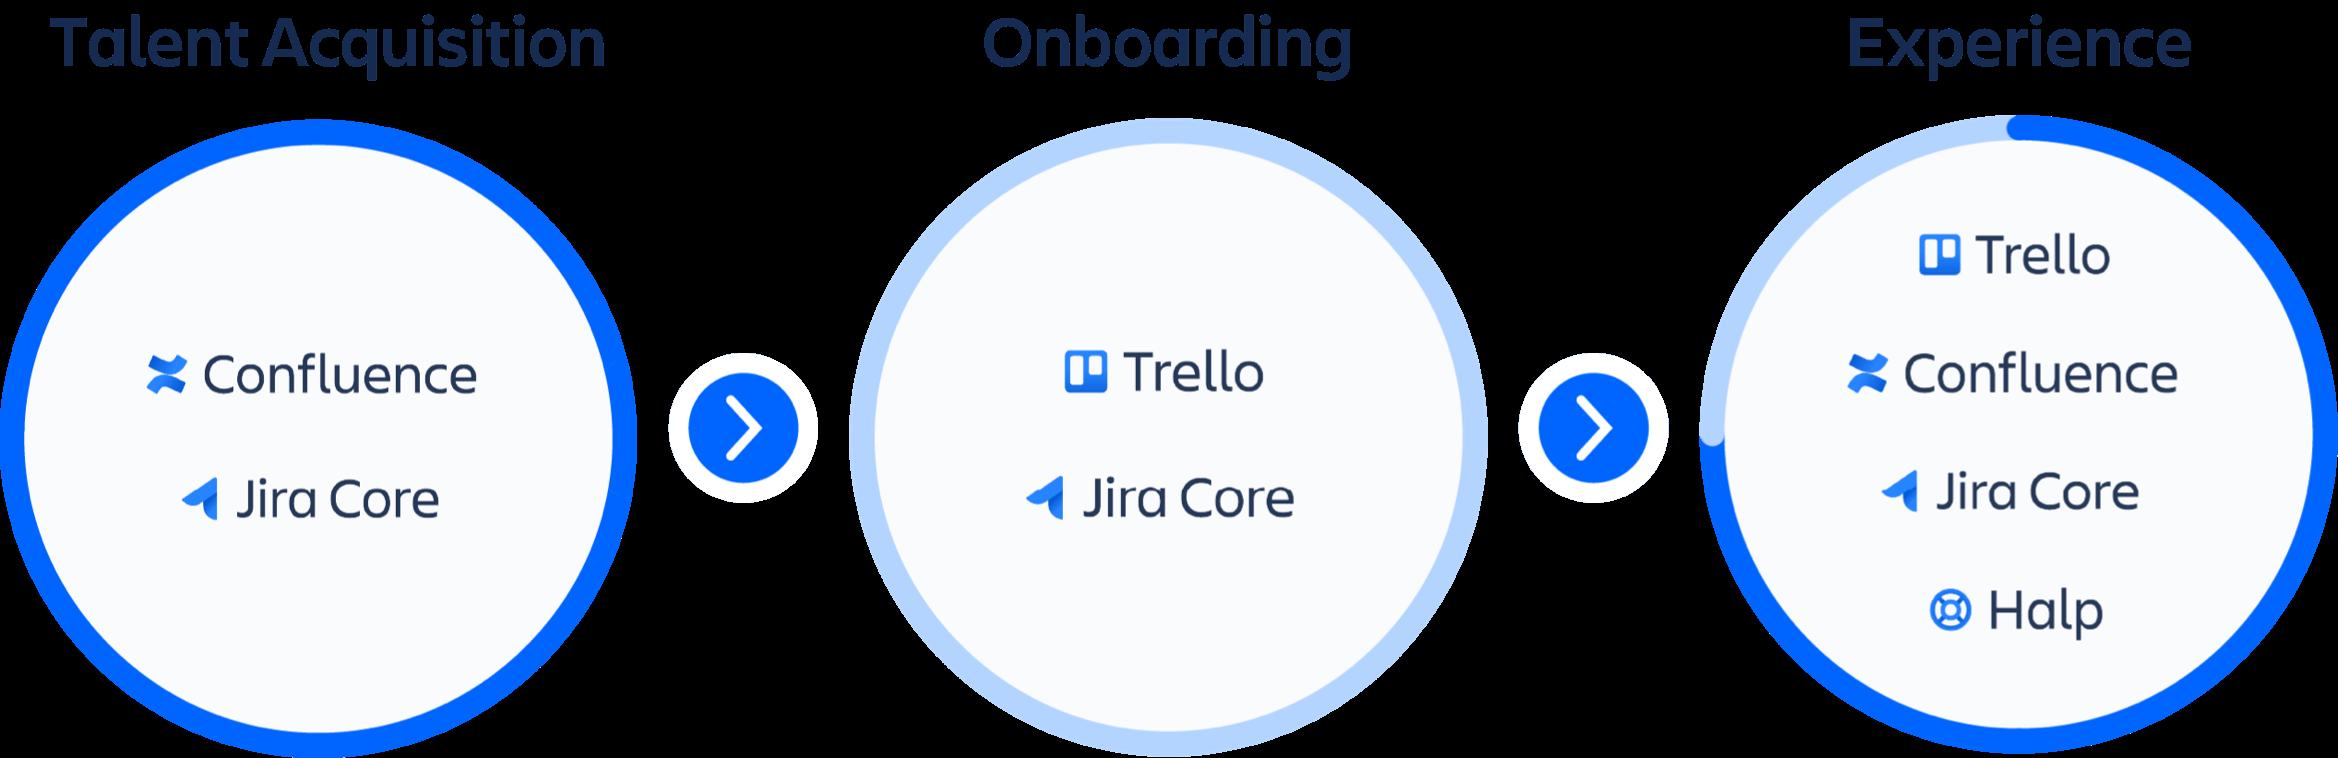 Immagine dei prodotti dedicati all'acquisizione di talenti Confluence e Jira Core con i prodotti per l'onboarding Trello e Jira Core